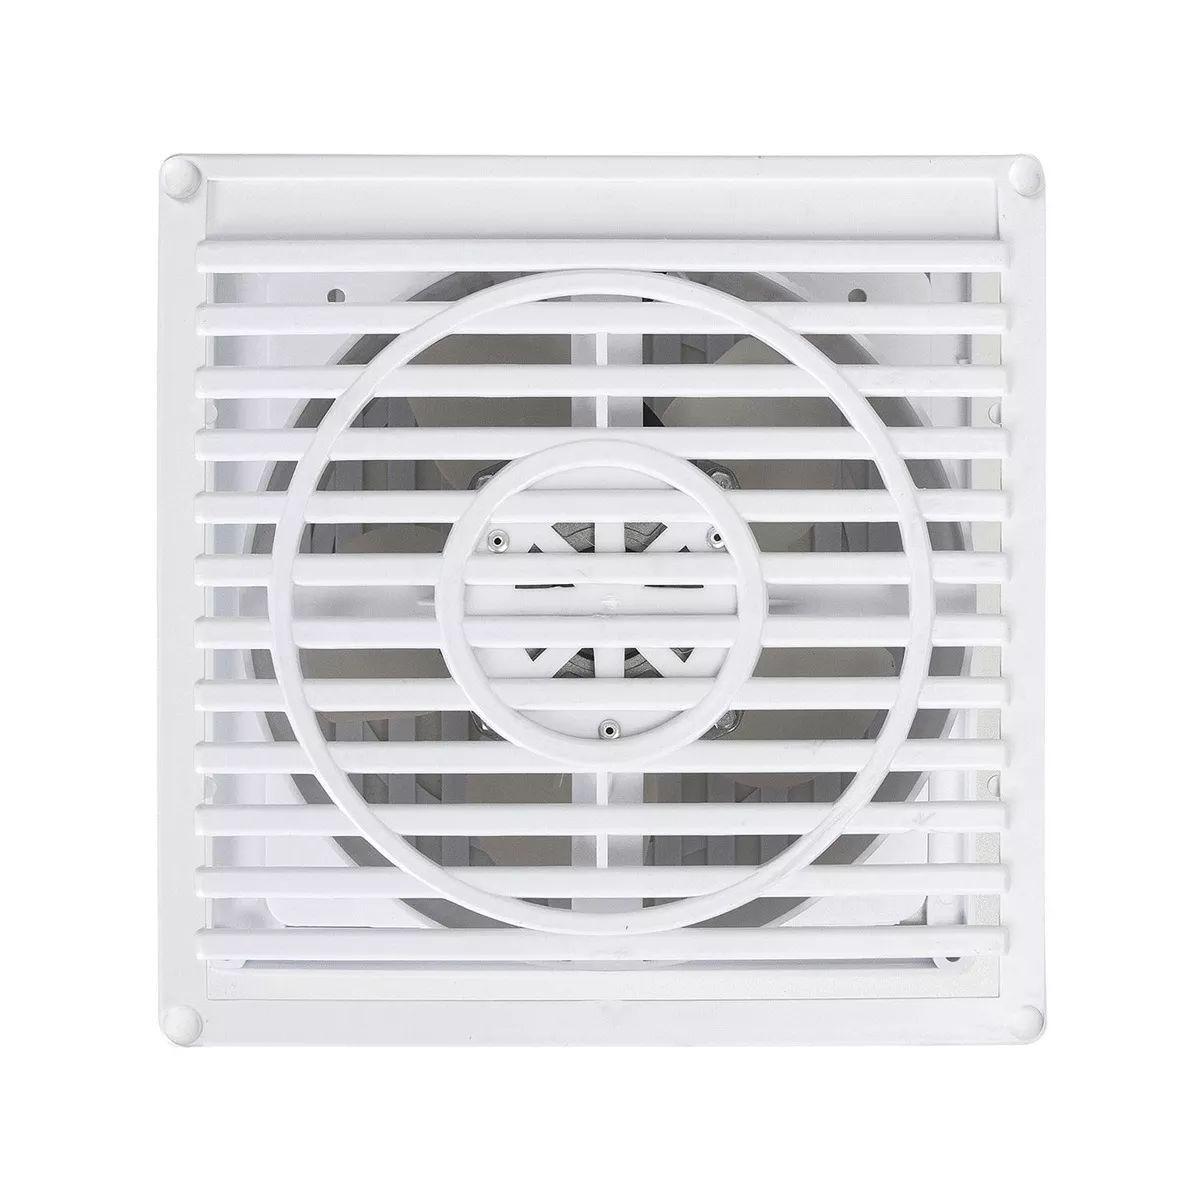 Exaustor De Ambientes depurador de Ar ITC Top 22cm  Branco